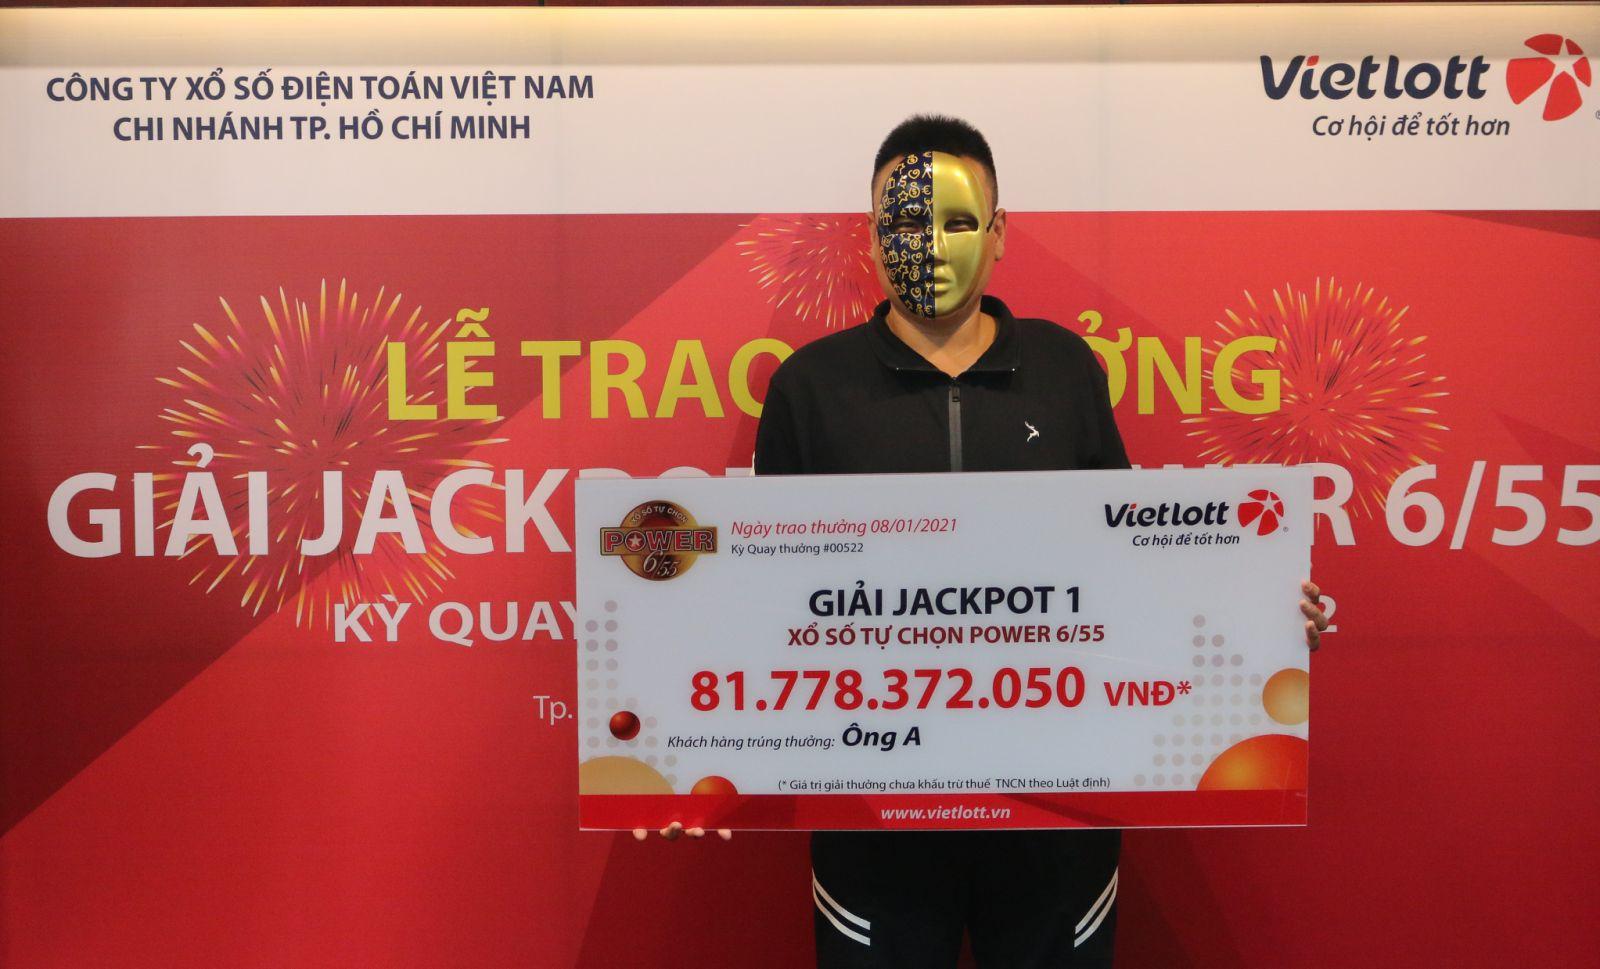 Chủ nhân Jackpot 1 Power 6/55 ủng hộ 500 triệu đồng để đóng góp an sinh xã hội